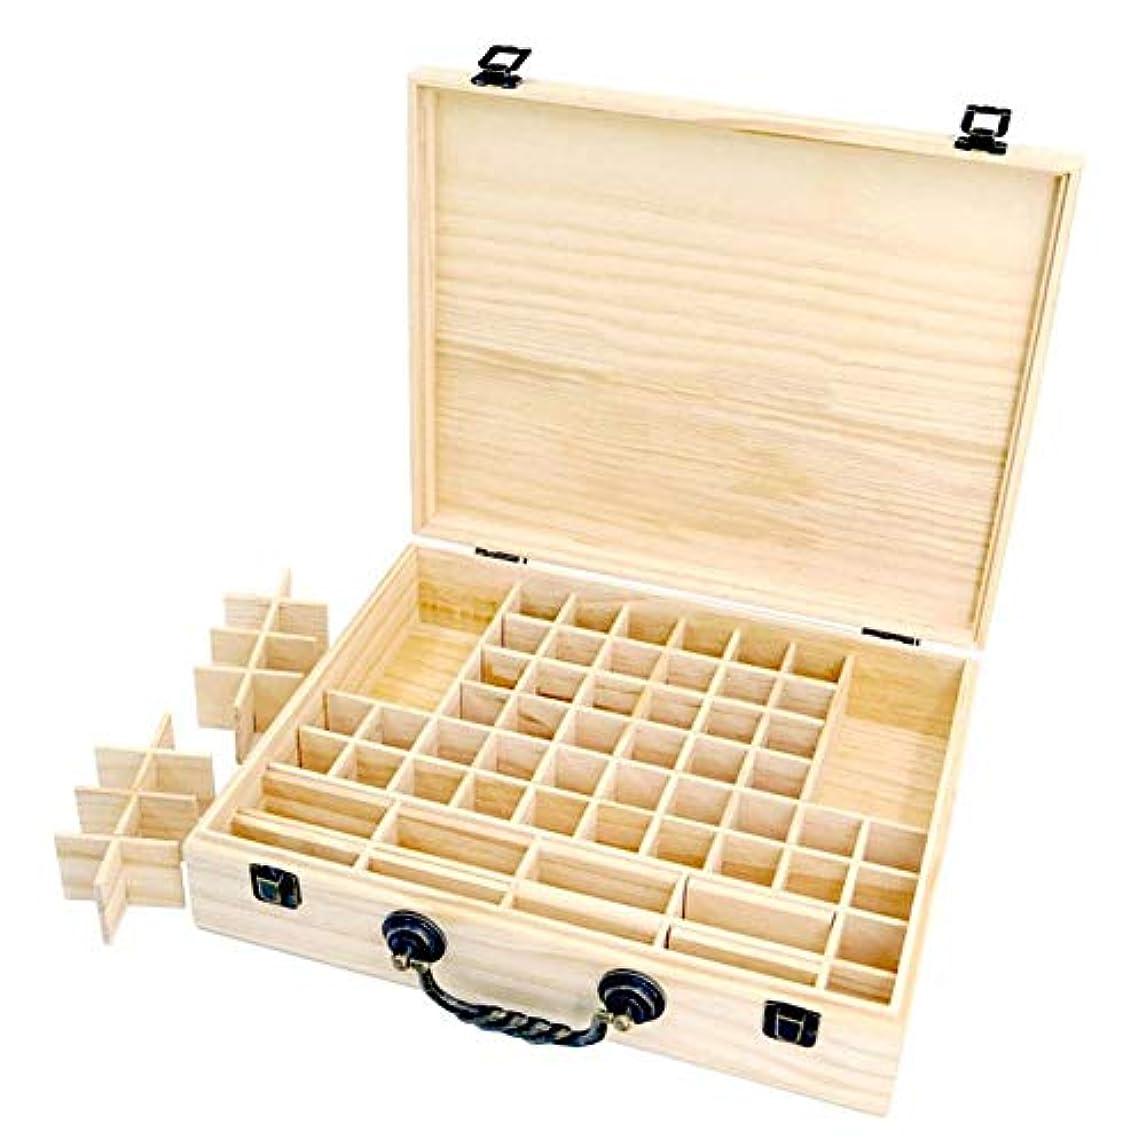 ご意見死傷者簡単にエッセンシャルオイル収納ボックス 収納ケース 保存ボックス パイン製 取り外し可能なメッシュ 70グリッド 持ち運び便利 junexi